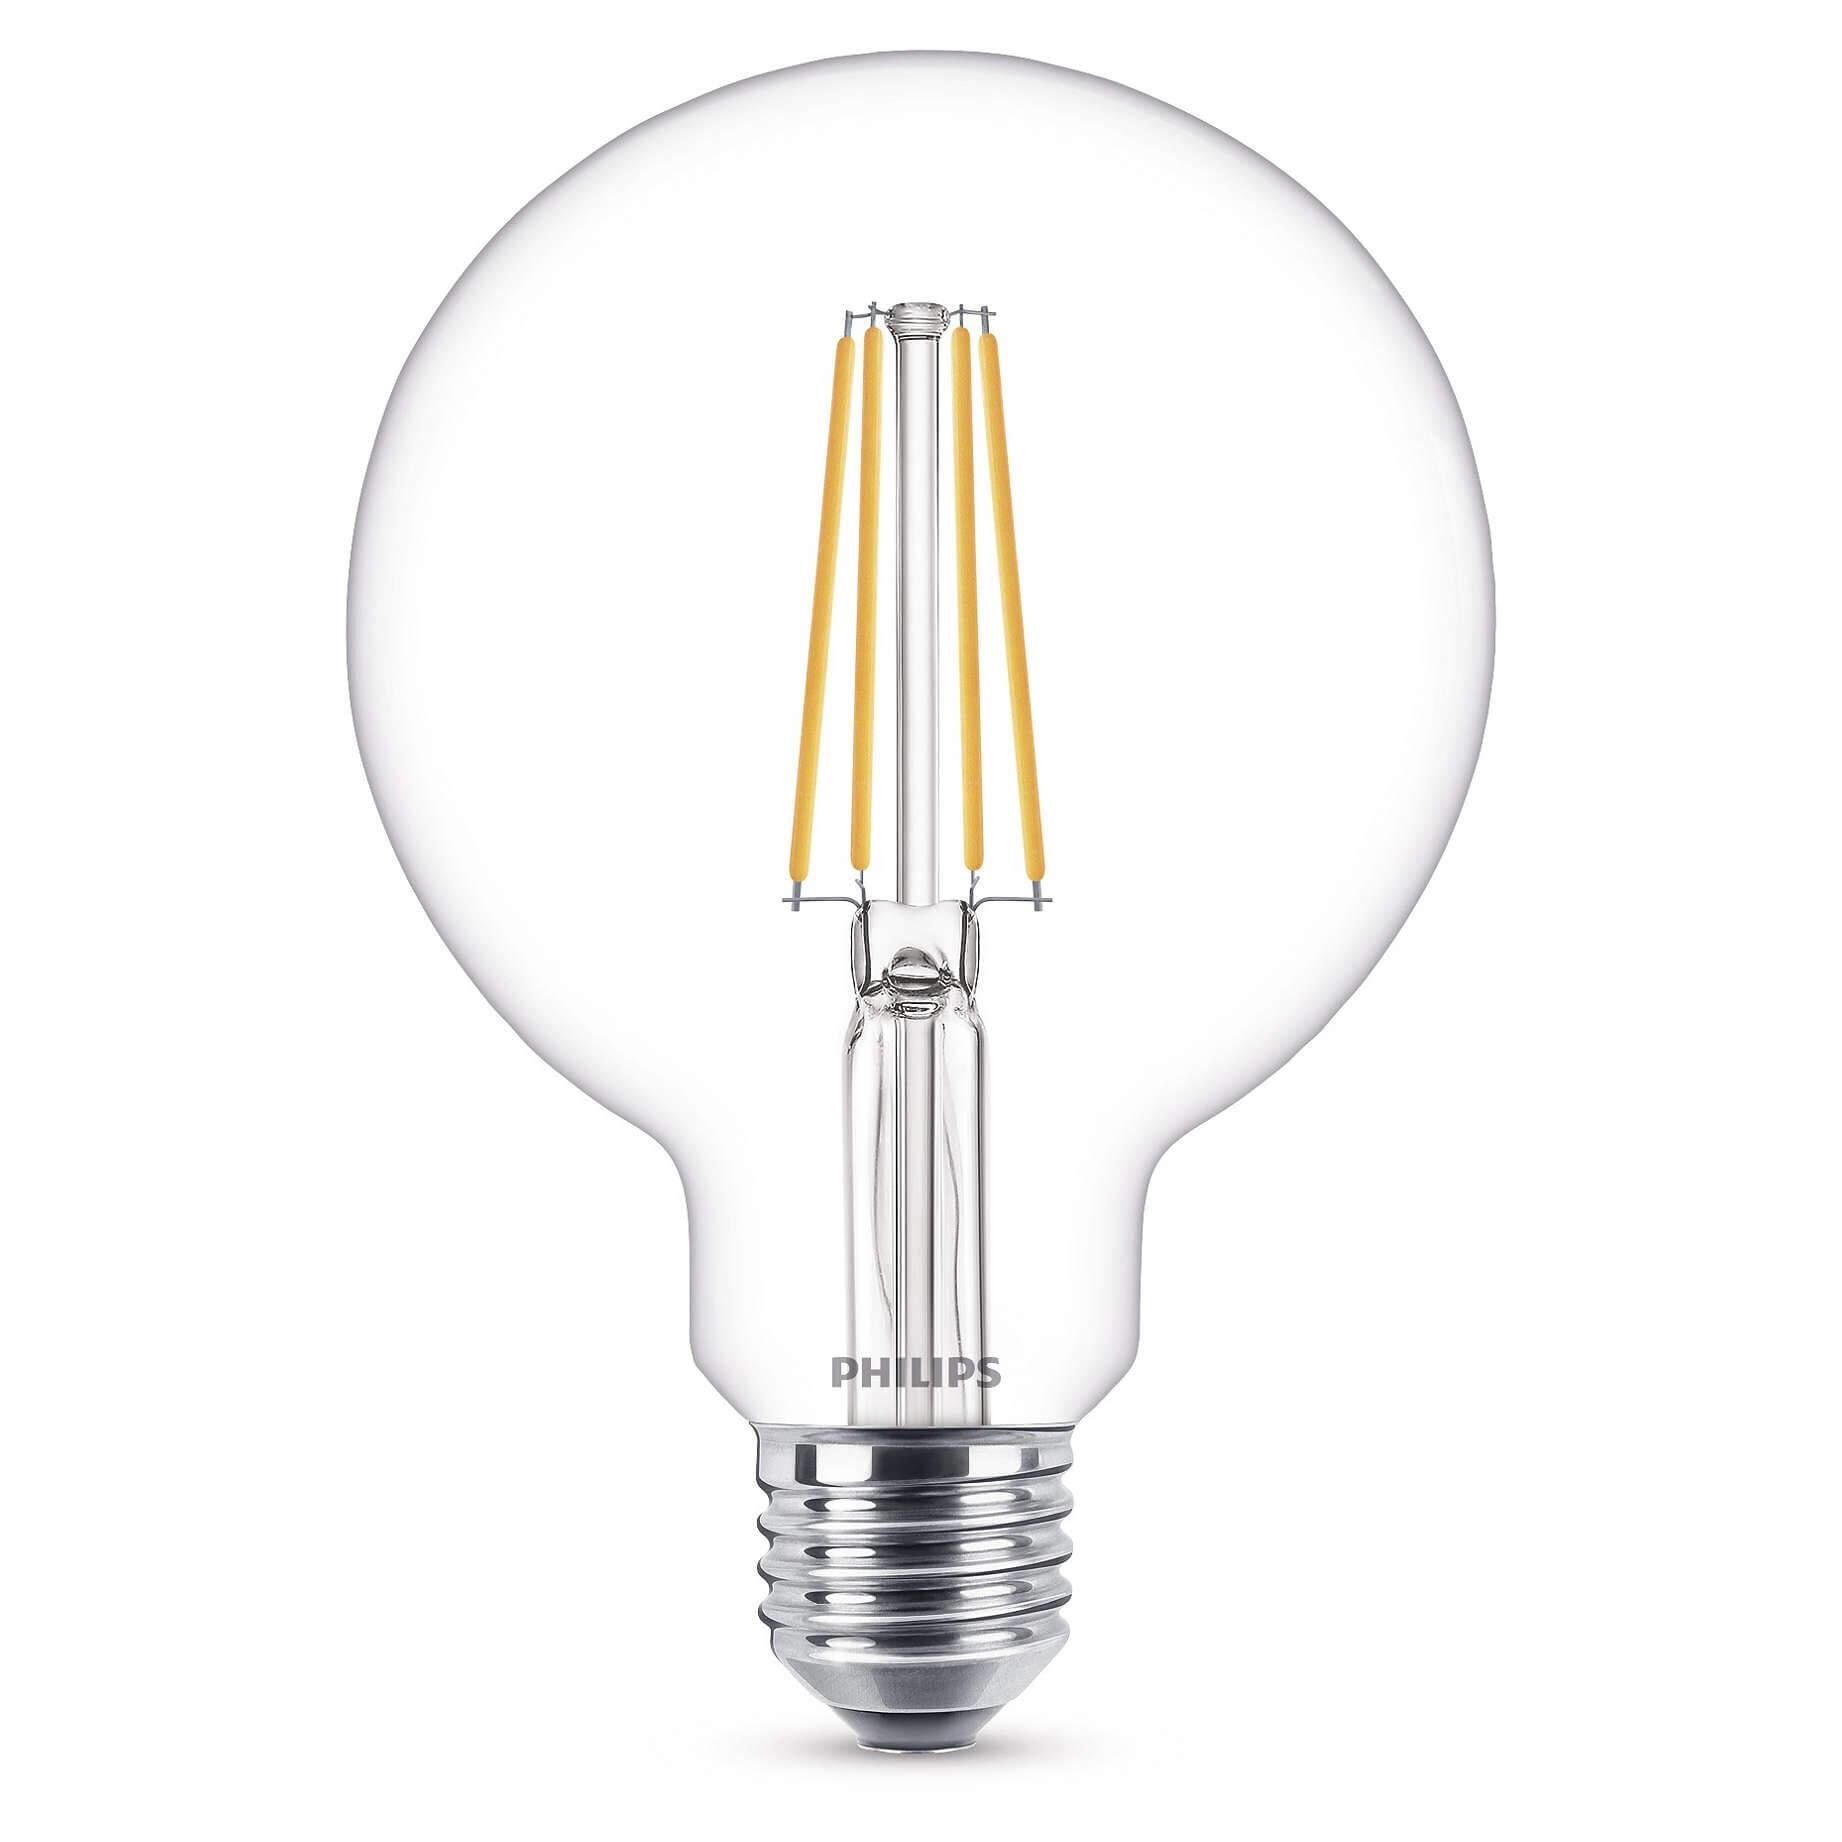 Pære LED 7W (806lm) Filament Globe Ø93 E27 - Philips thumbnail